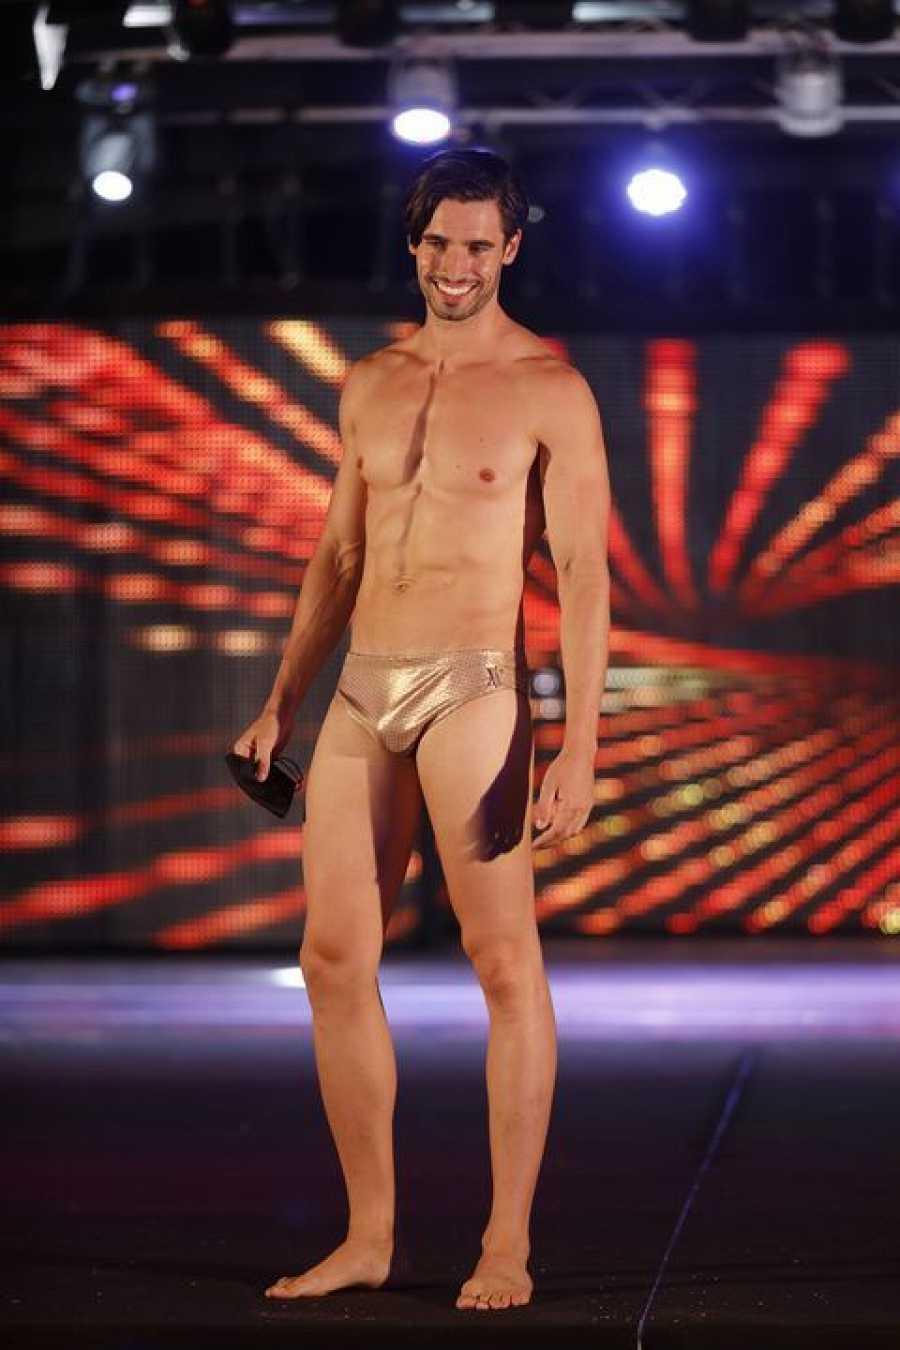 Manuel Romo desfilando en bañador en el certamen de Mister Internacional 2020